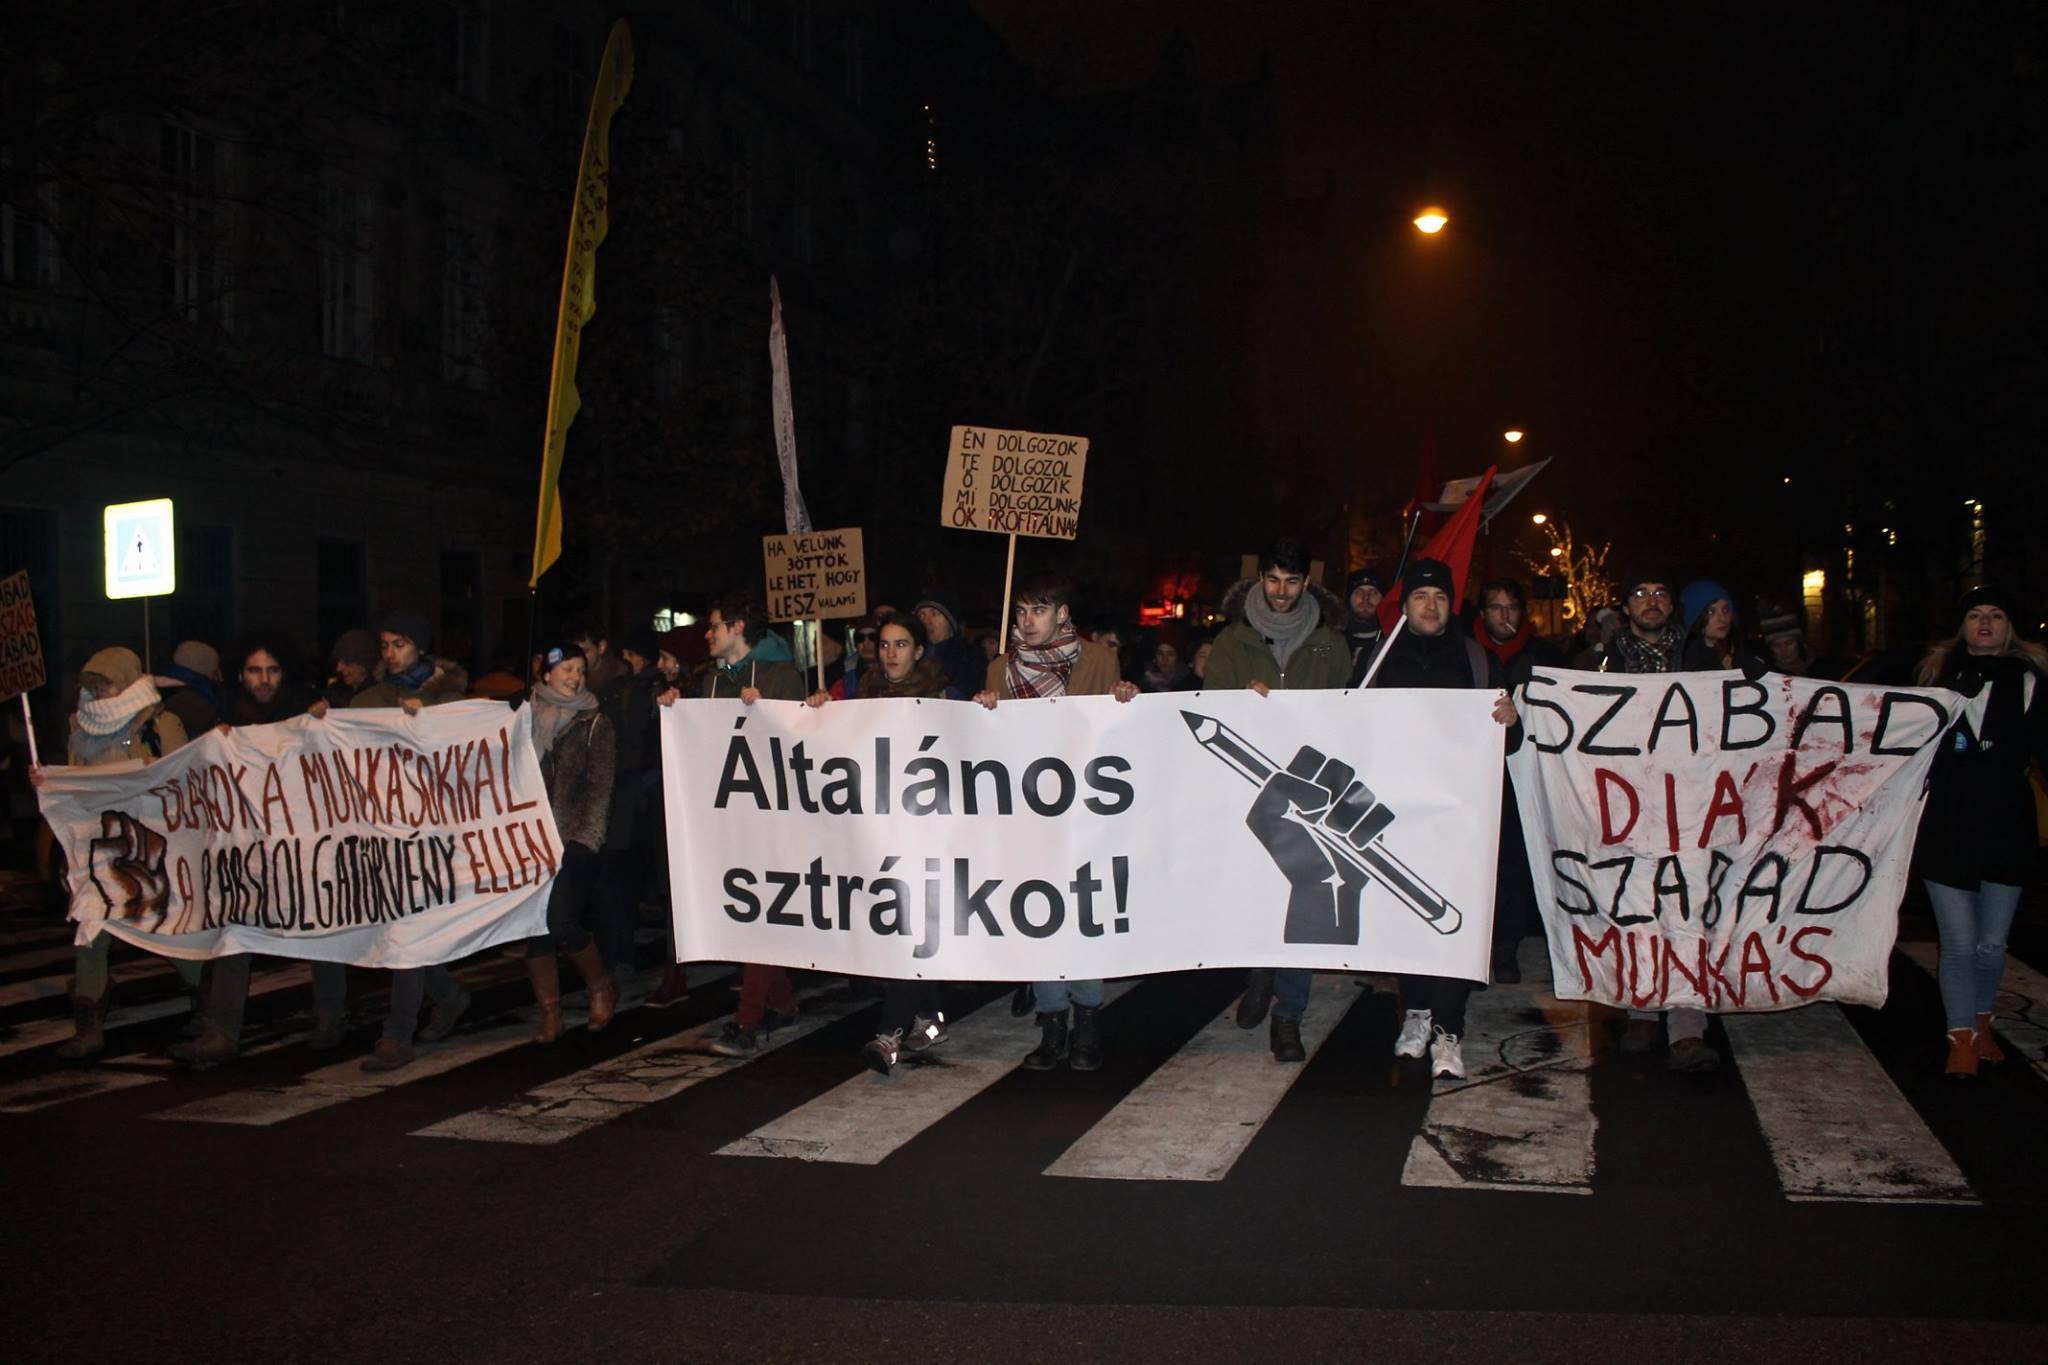 Újabb tiltakozásokra szólítottak föl az ellenzéki pártok és a szakszervezetek